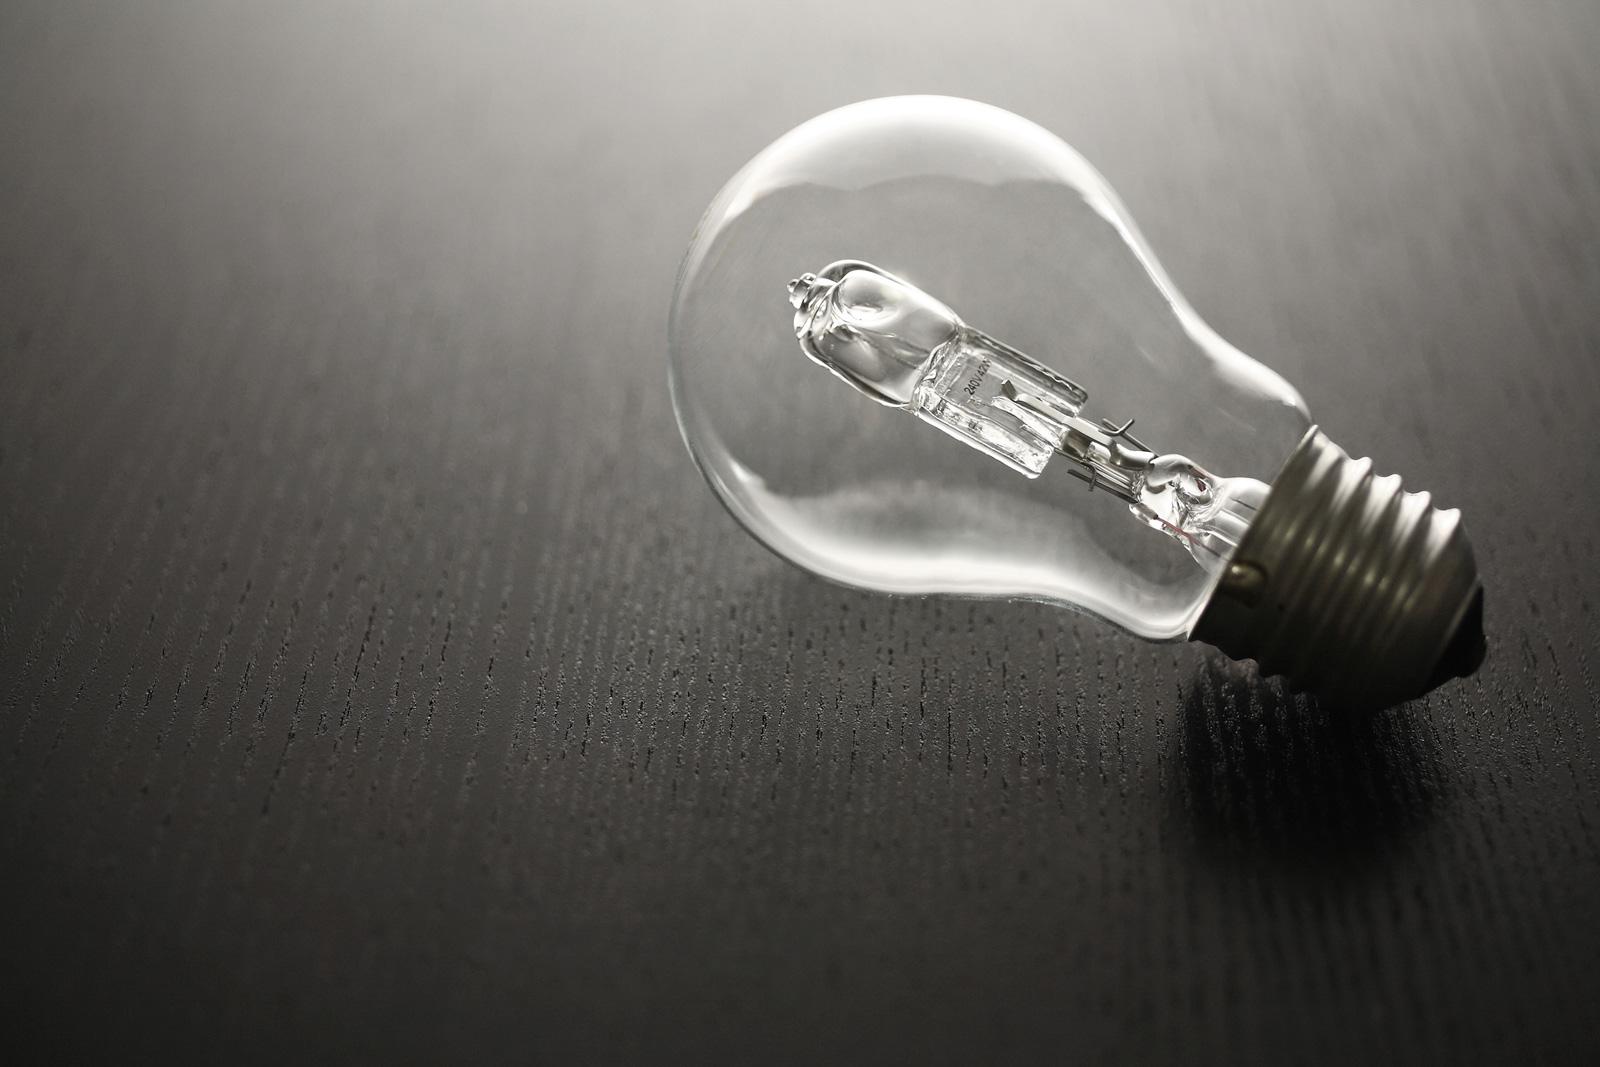 Halogen-Birnen: Wegen mangelnder Energie-Effizienz ein Auslaufmodell.